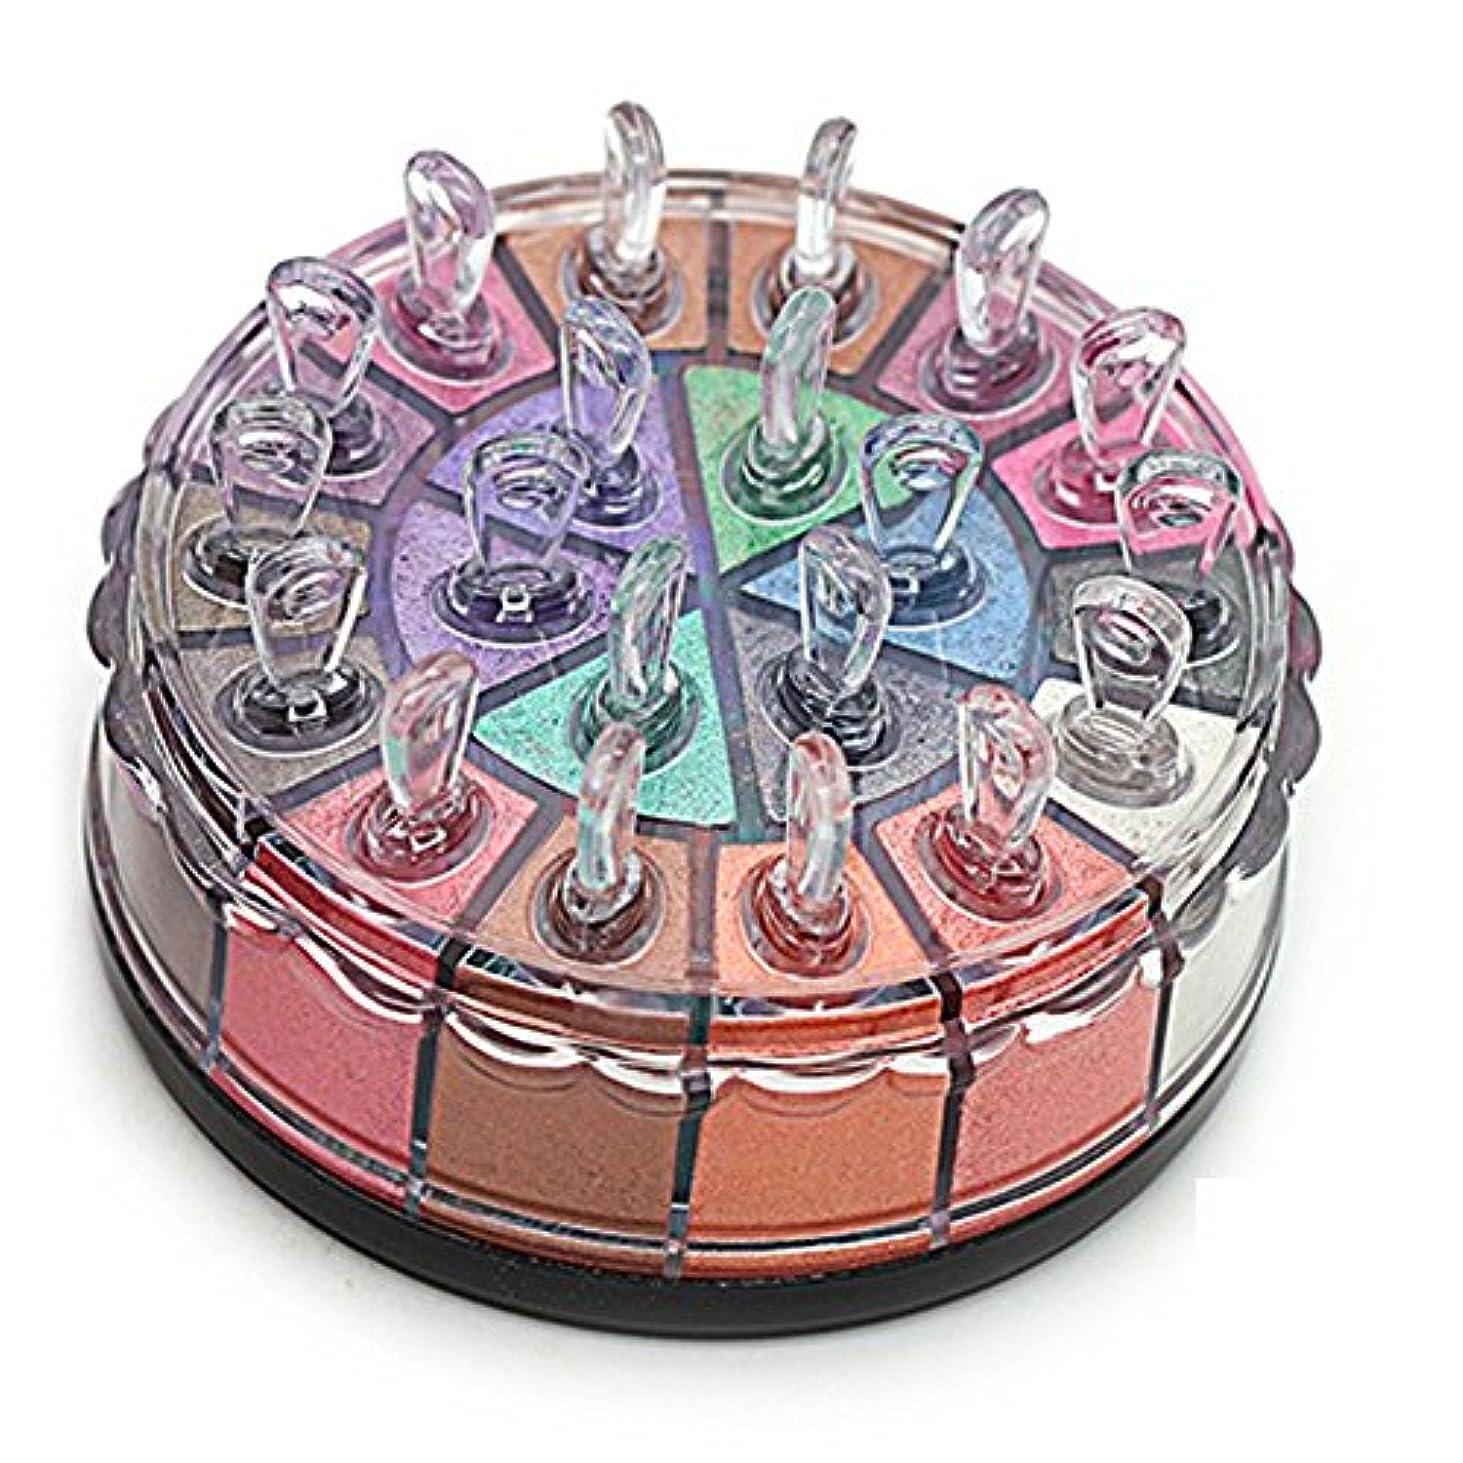 毛布そよ風ナプキンMatte Eyeshadow YOKINO アイシャドー パレット 化粧筆 専門化粧 人気 イシャドウ 20色 (2#)